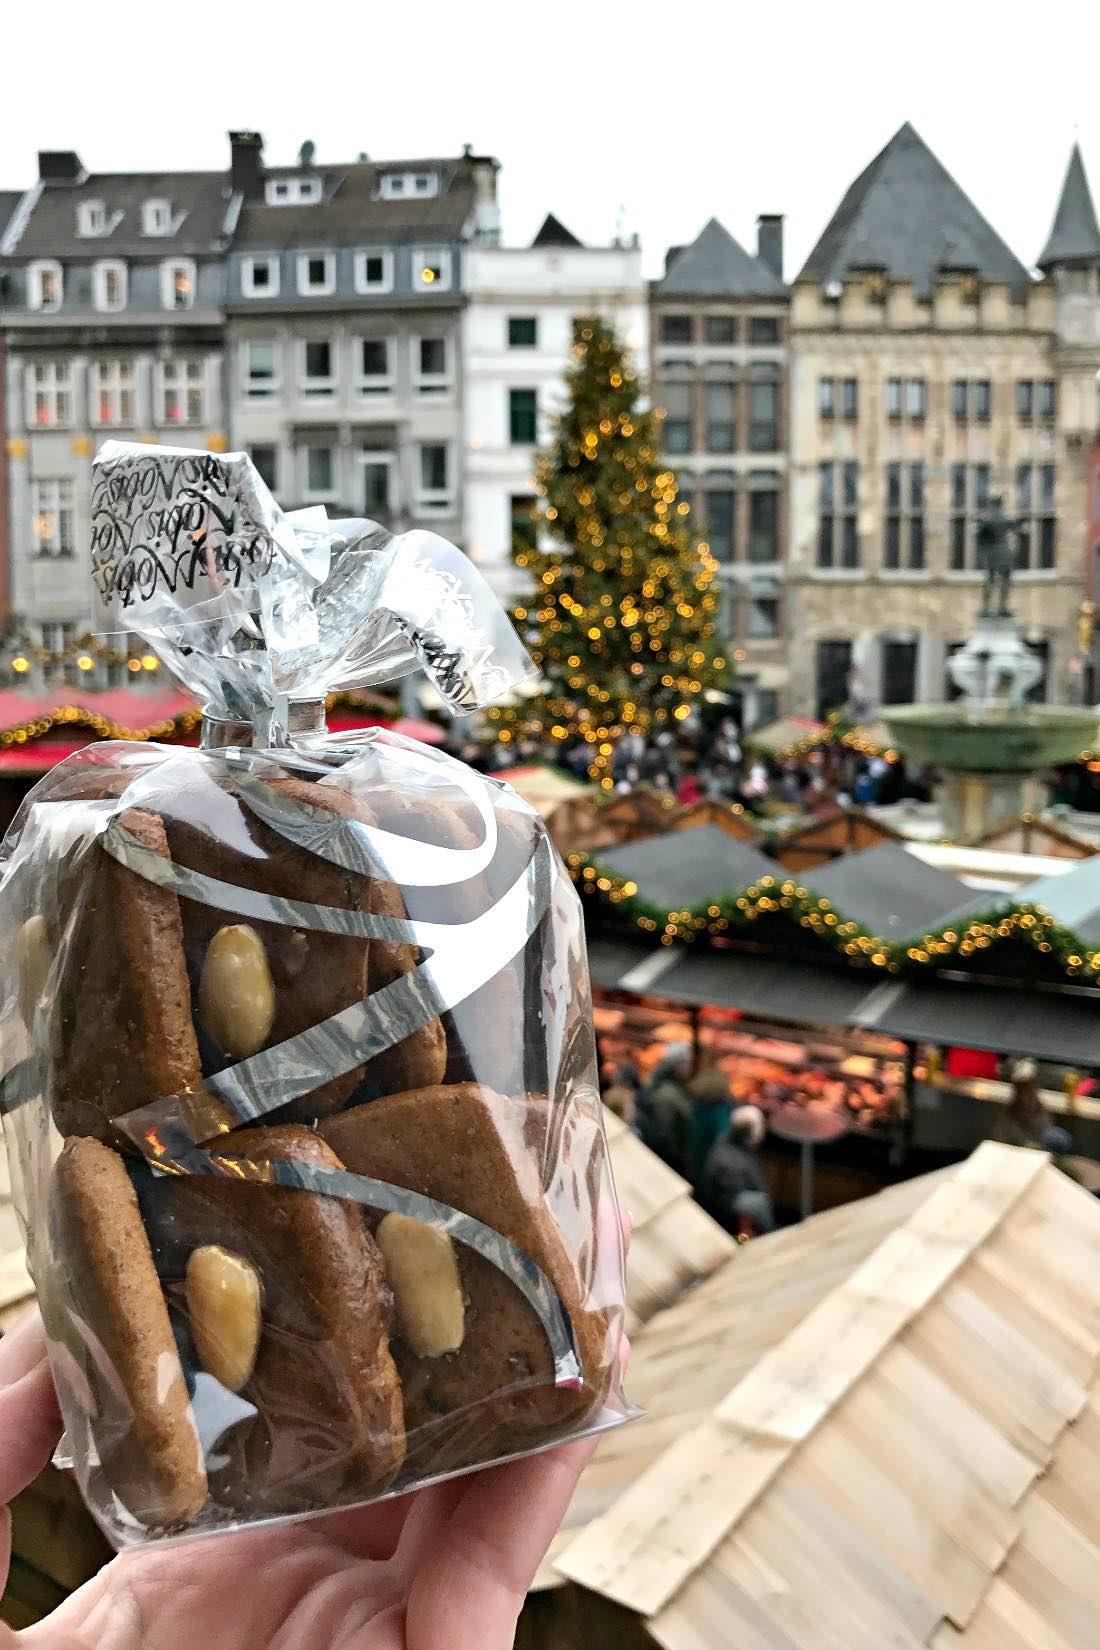 Der Weihnachtsmarkt Aachen ist einer der schönsten und größten Märkte in Europa. Ich erzählte euch davon, mit vielen Bildern. #Aachen #Deutschland #Weihnachtsmarkt #ChristmasMarket #Weihnachten #Printen